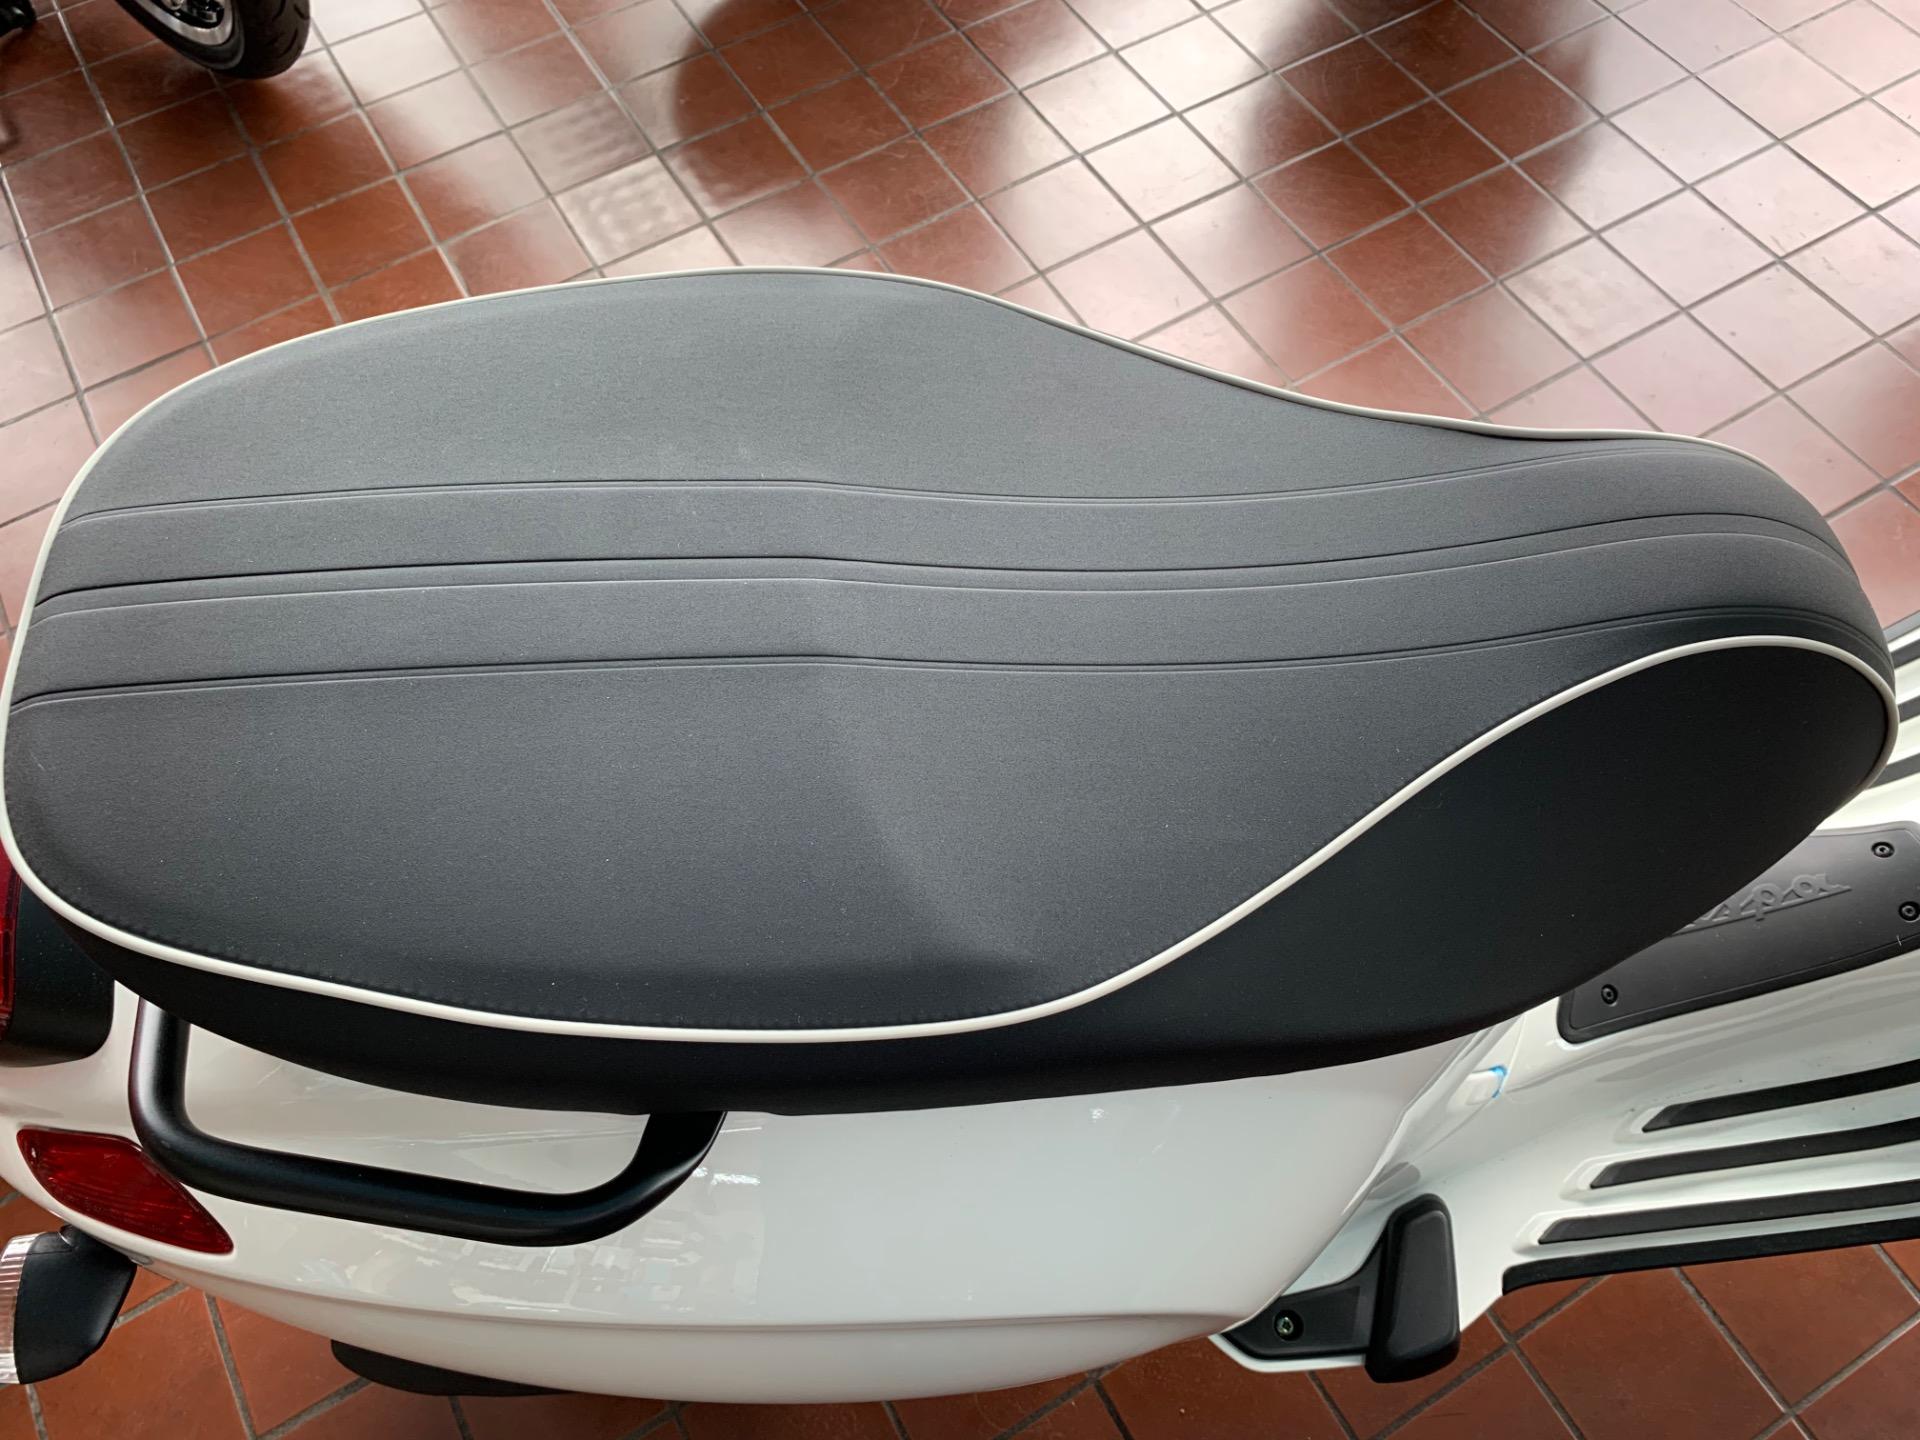 New-2021-VESPA-SPRINT-50-RACING-SIXTIES